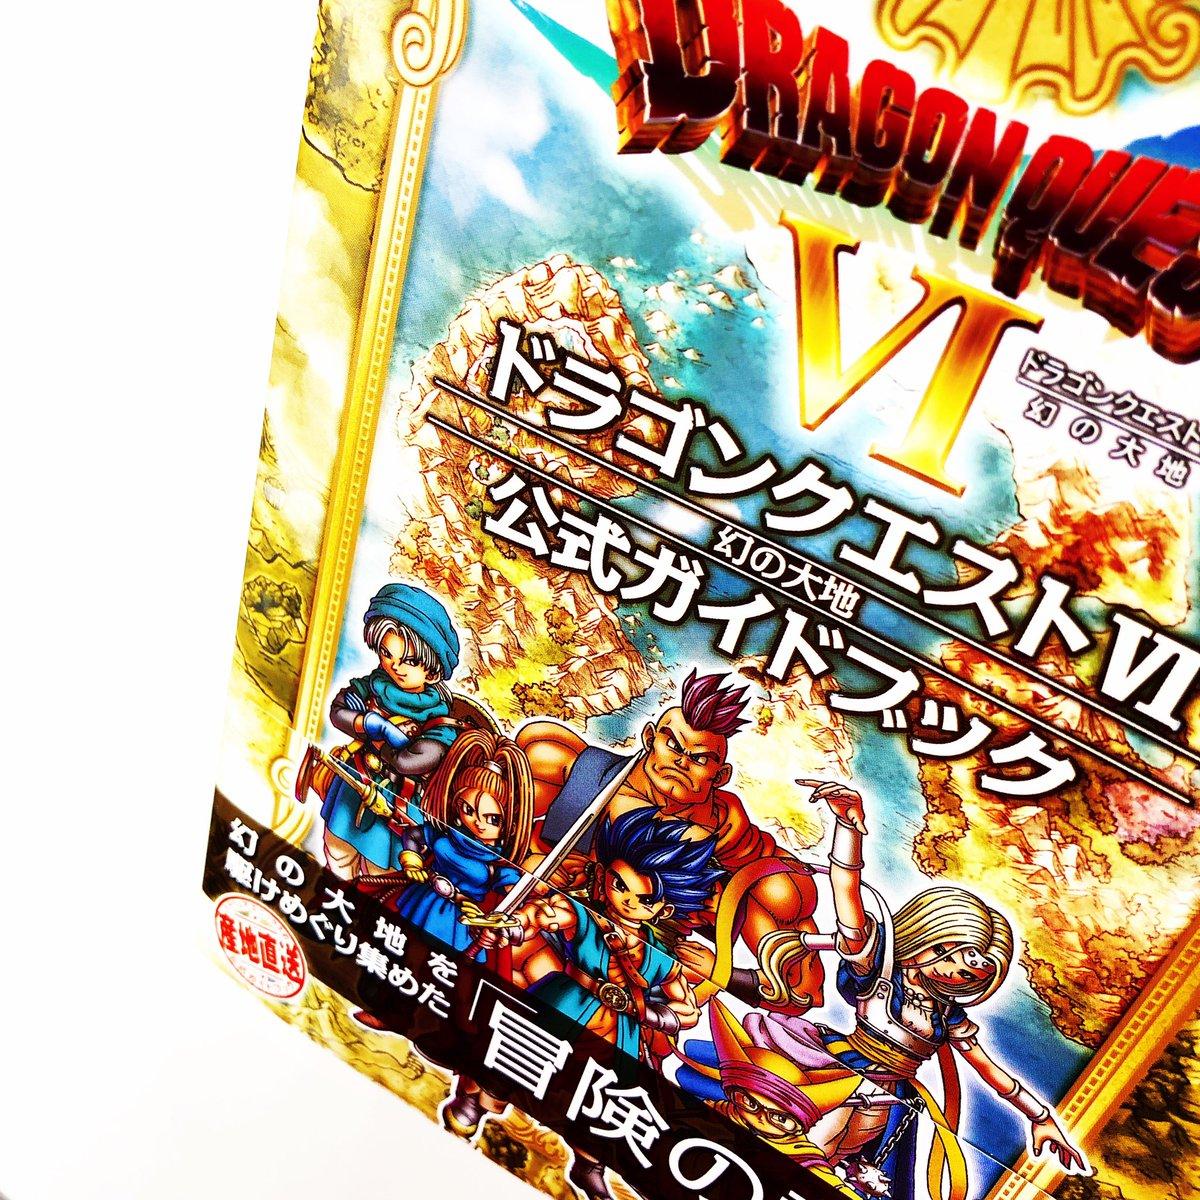 入荷案内です。DS版の攻略本です。「ドラゴンクエストⅥ幻の大地 公式ガイドブック」が入りました。攻略本のコーナーにあります。#攻略本 #guidebook #テレビゲーム #videogame #nintendo #任天堂 #ソニー #Sony #SEGA #セガ #Sapporo #札幌 #Hokkaido #北海道 #漫画林 #ドラクエ